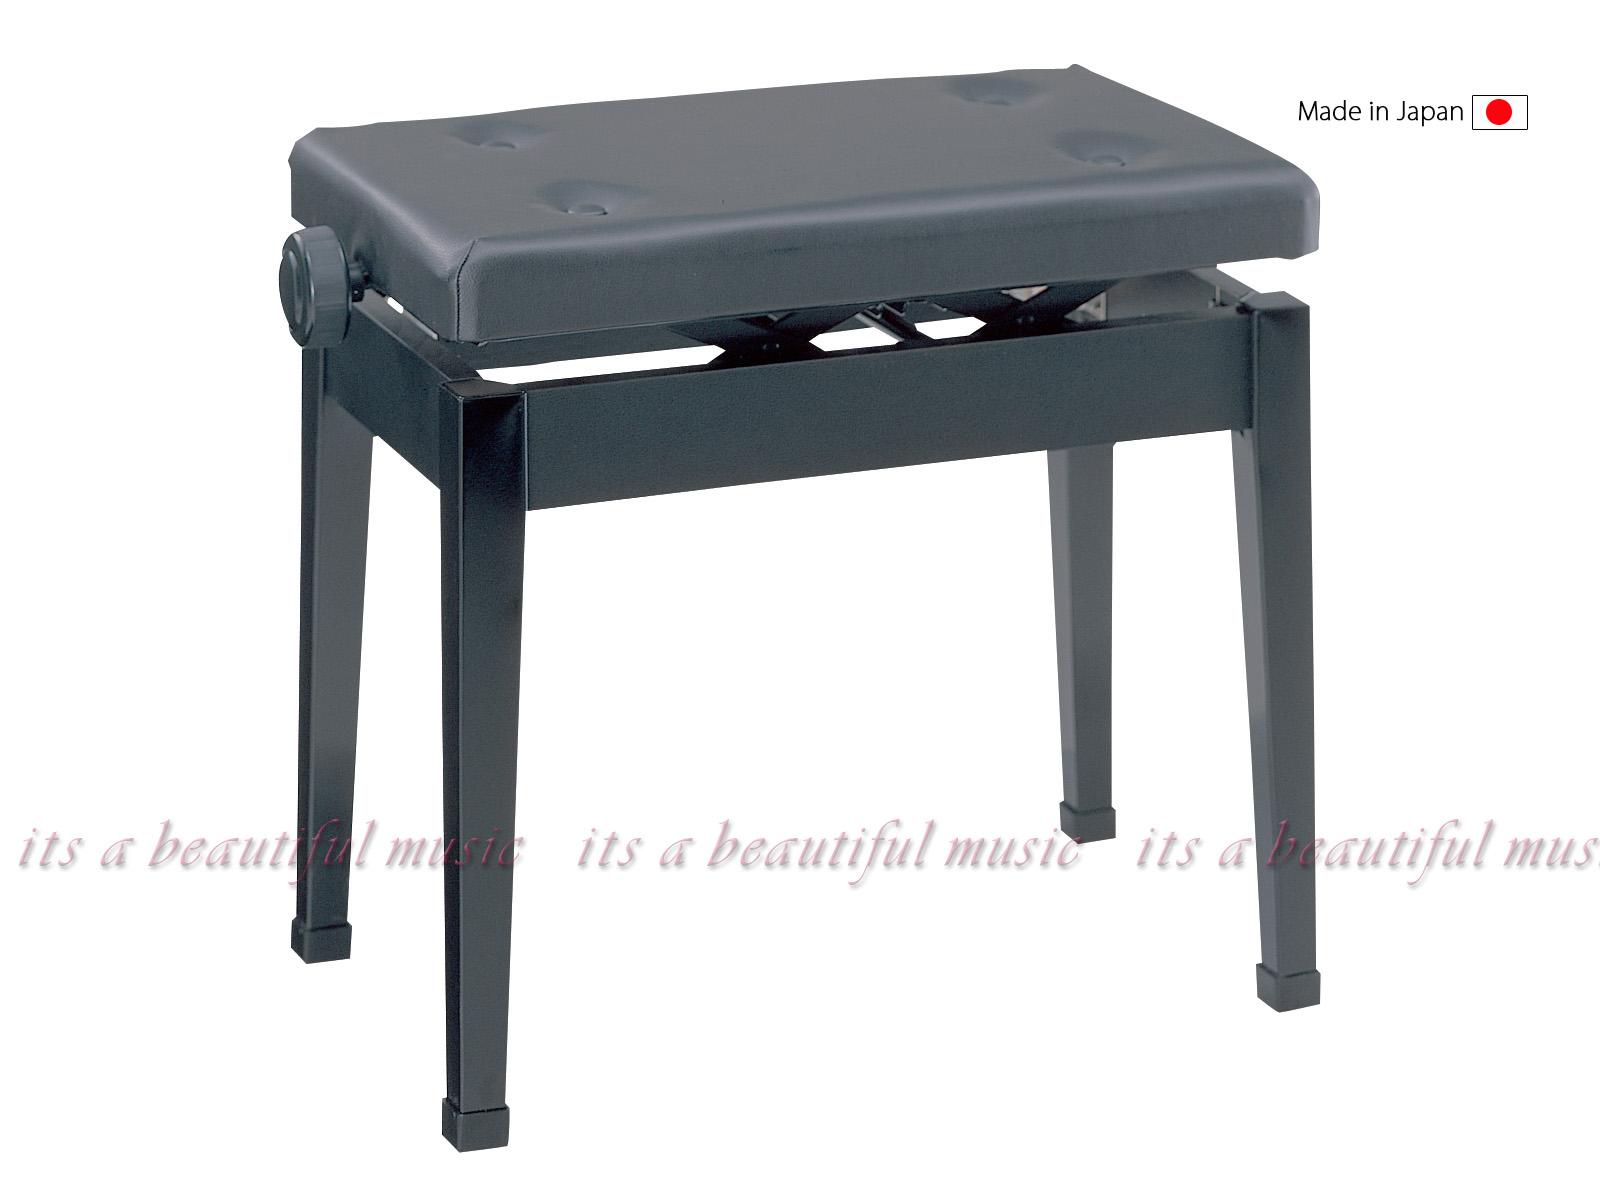 【its】軽量・シンプルで扱いやすいロングセラー品!日本製のピアノ椅子 甲南Konan K50-D(K50D)黒色